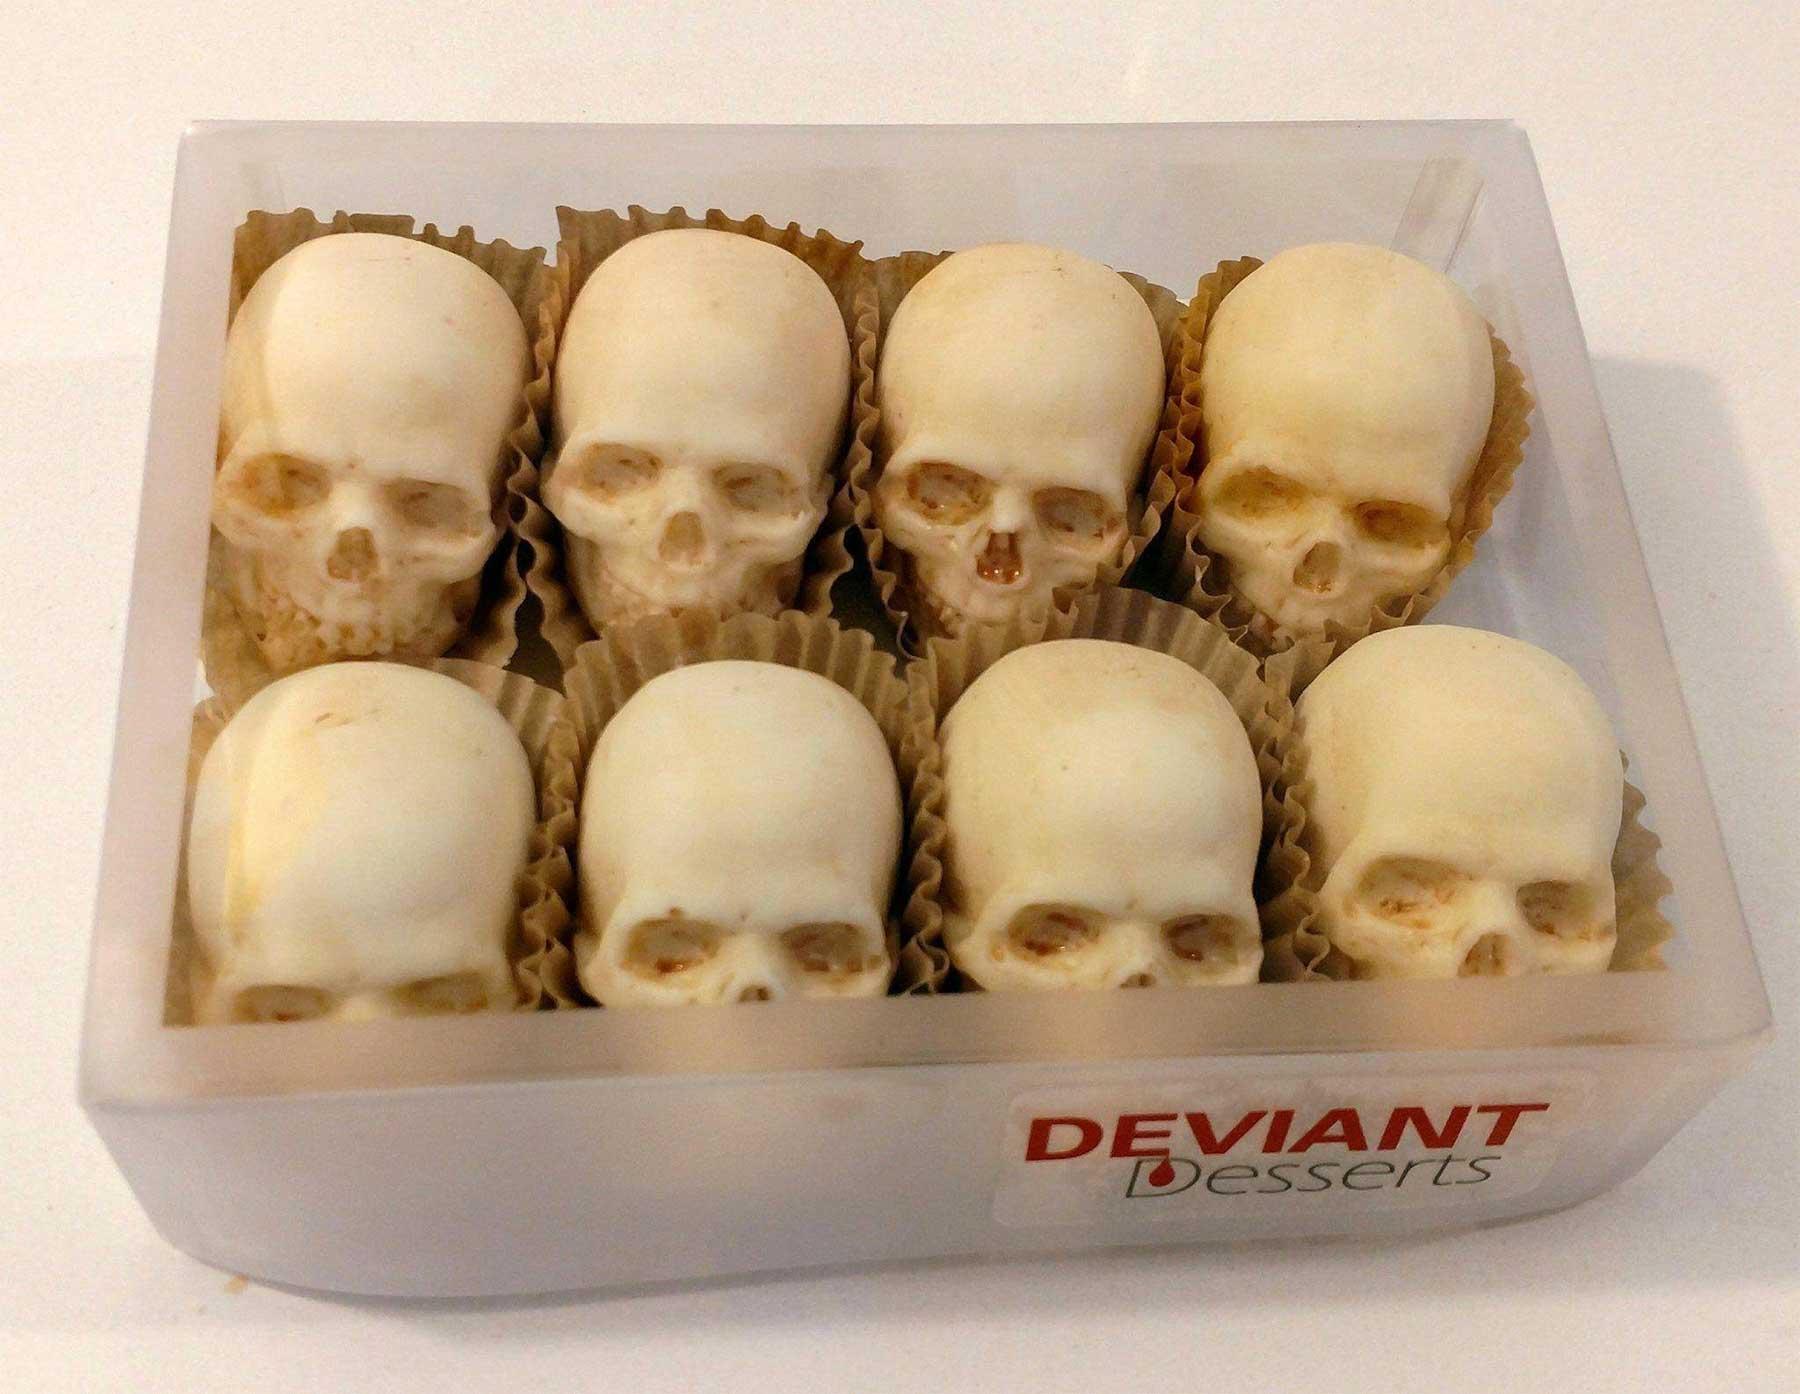 Gruselig realistisch aussehende Kuchen von Deviant Desserts katherine-day-deviant-desserts_12